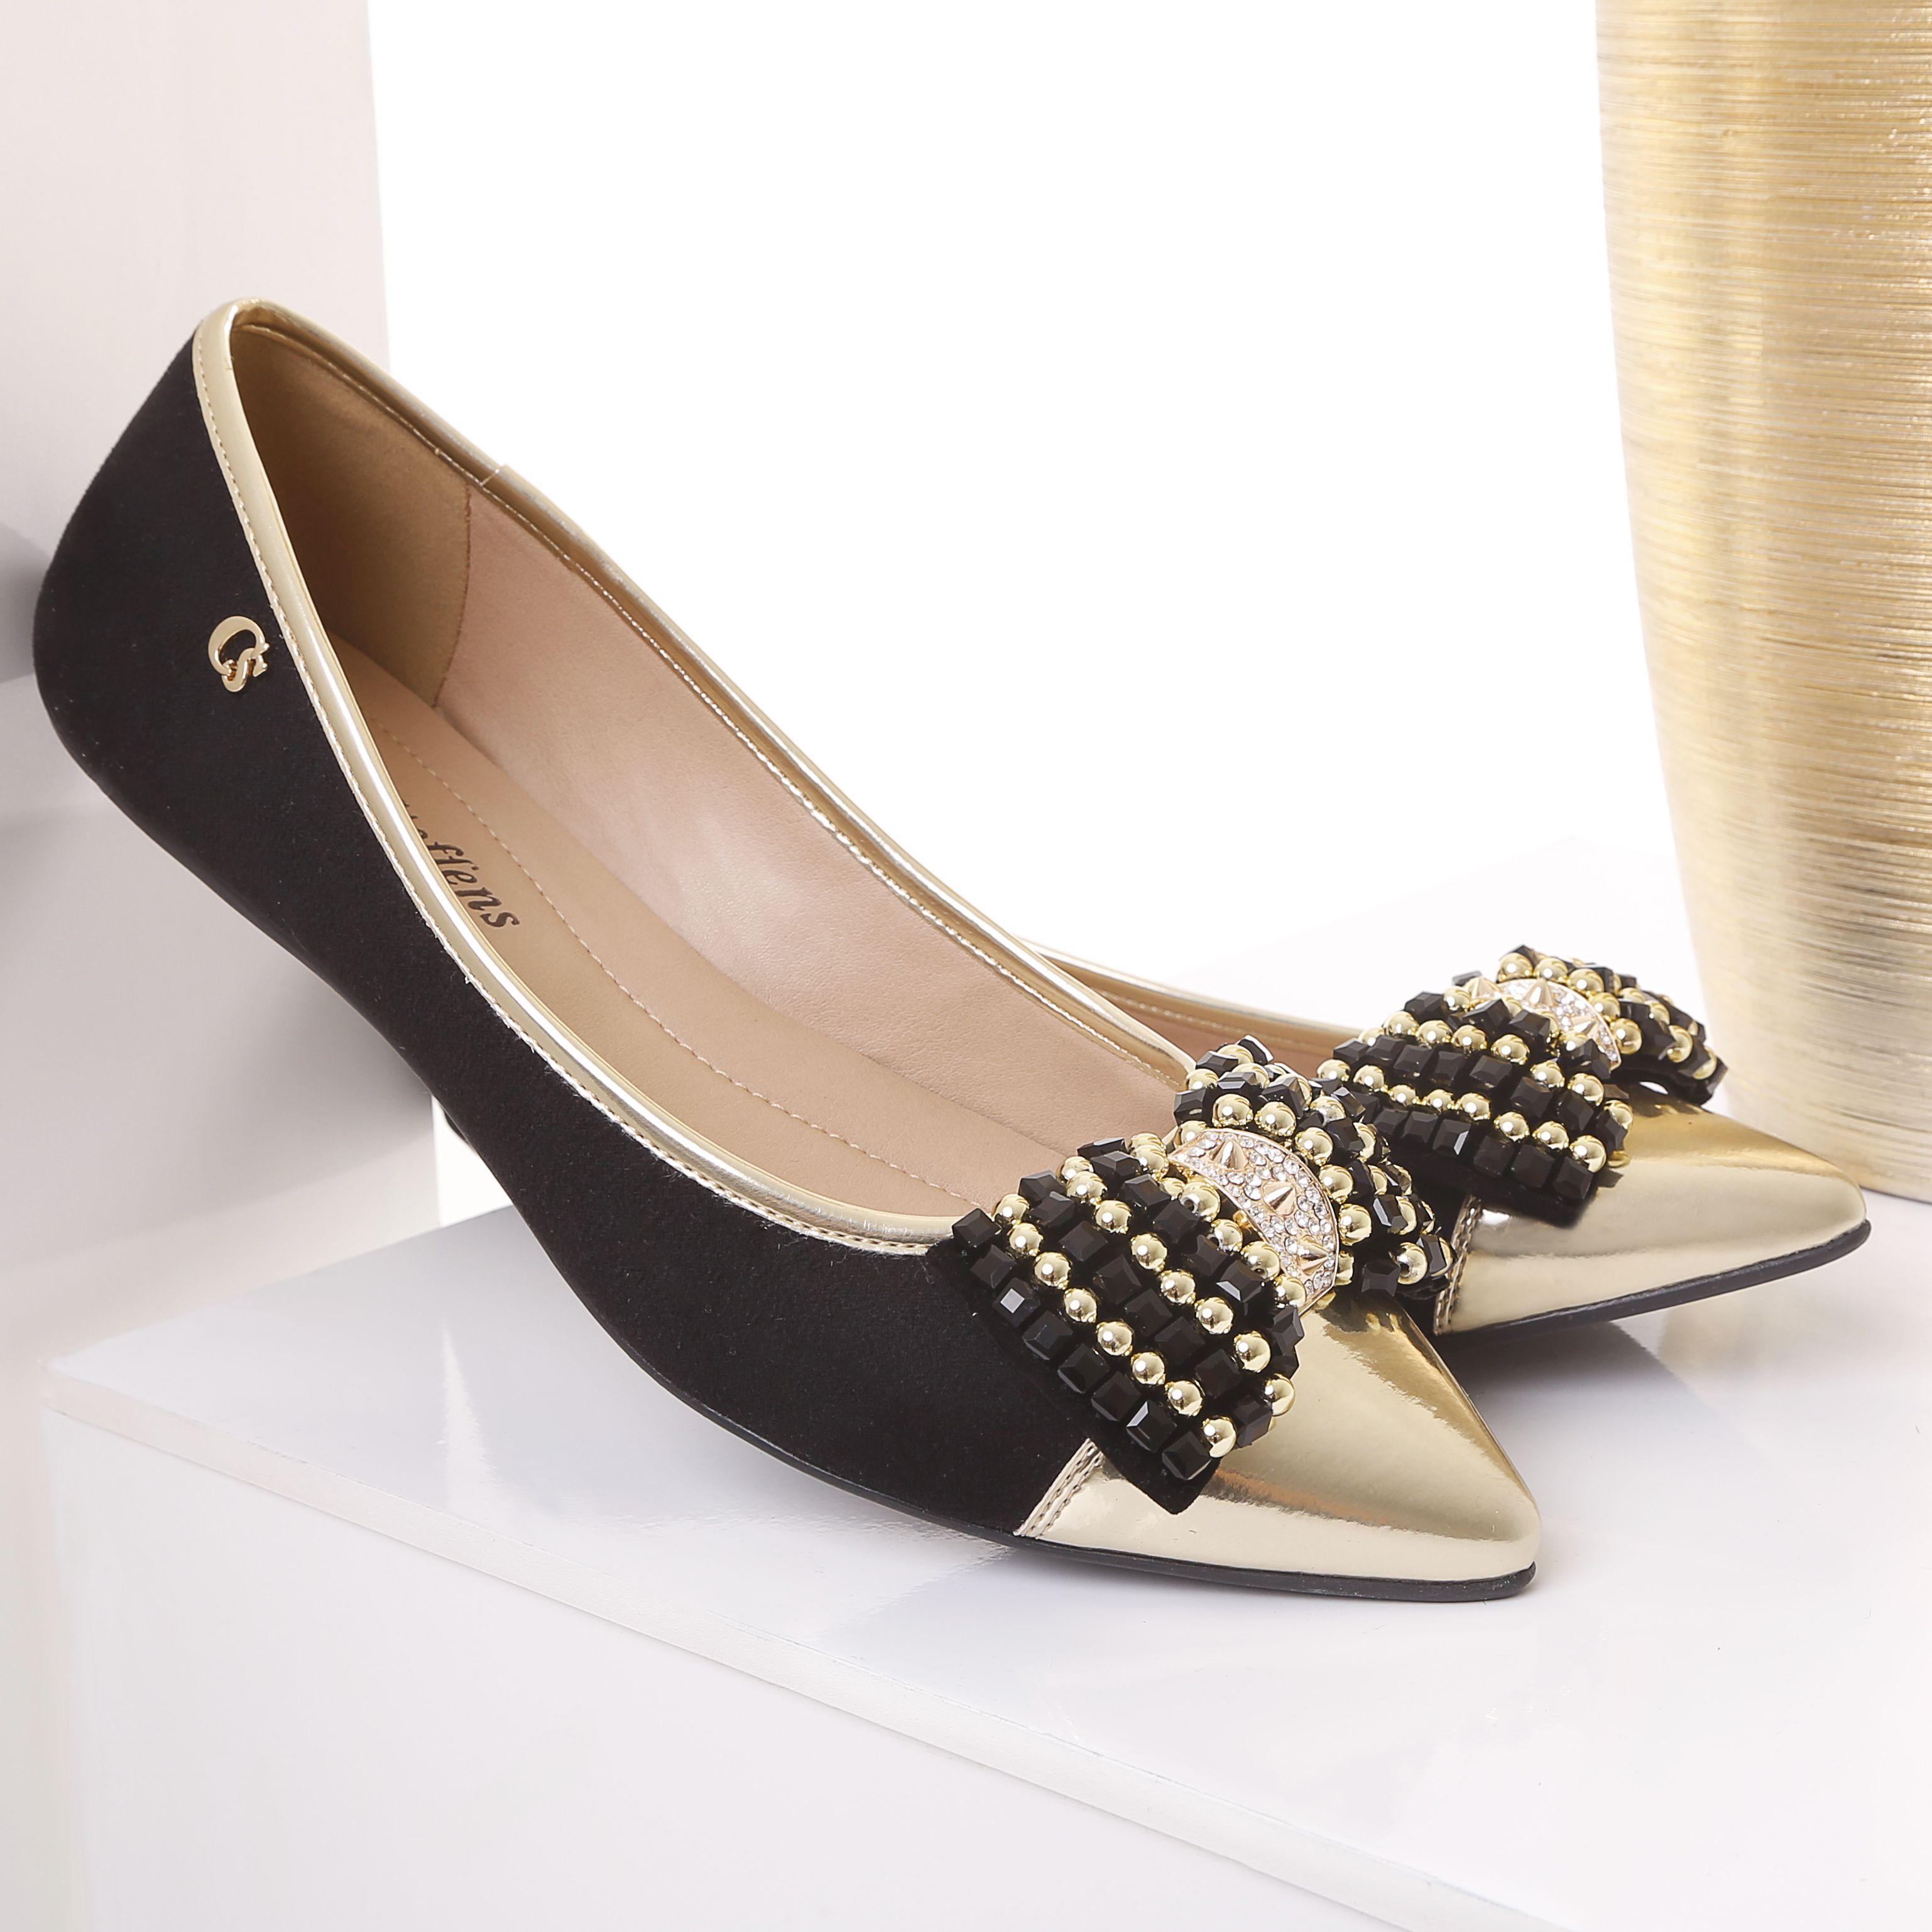 A escolha perfeita: sapatilhas! Essa com laço trabalhado e cor versátil, black, é perfeita tanto para o dia a dia, quanto para a noite. Use e abuse delas ❤.